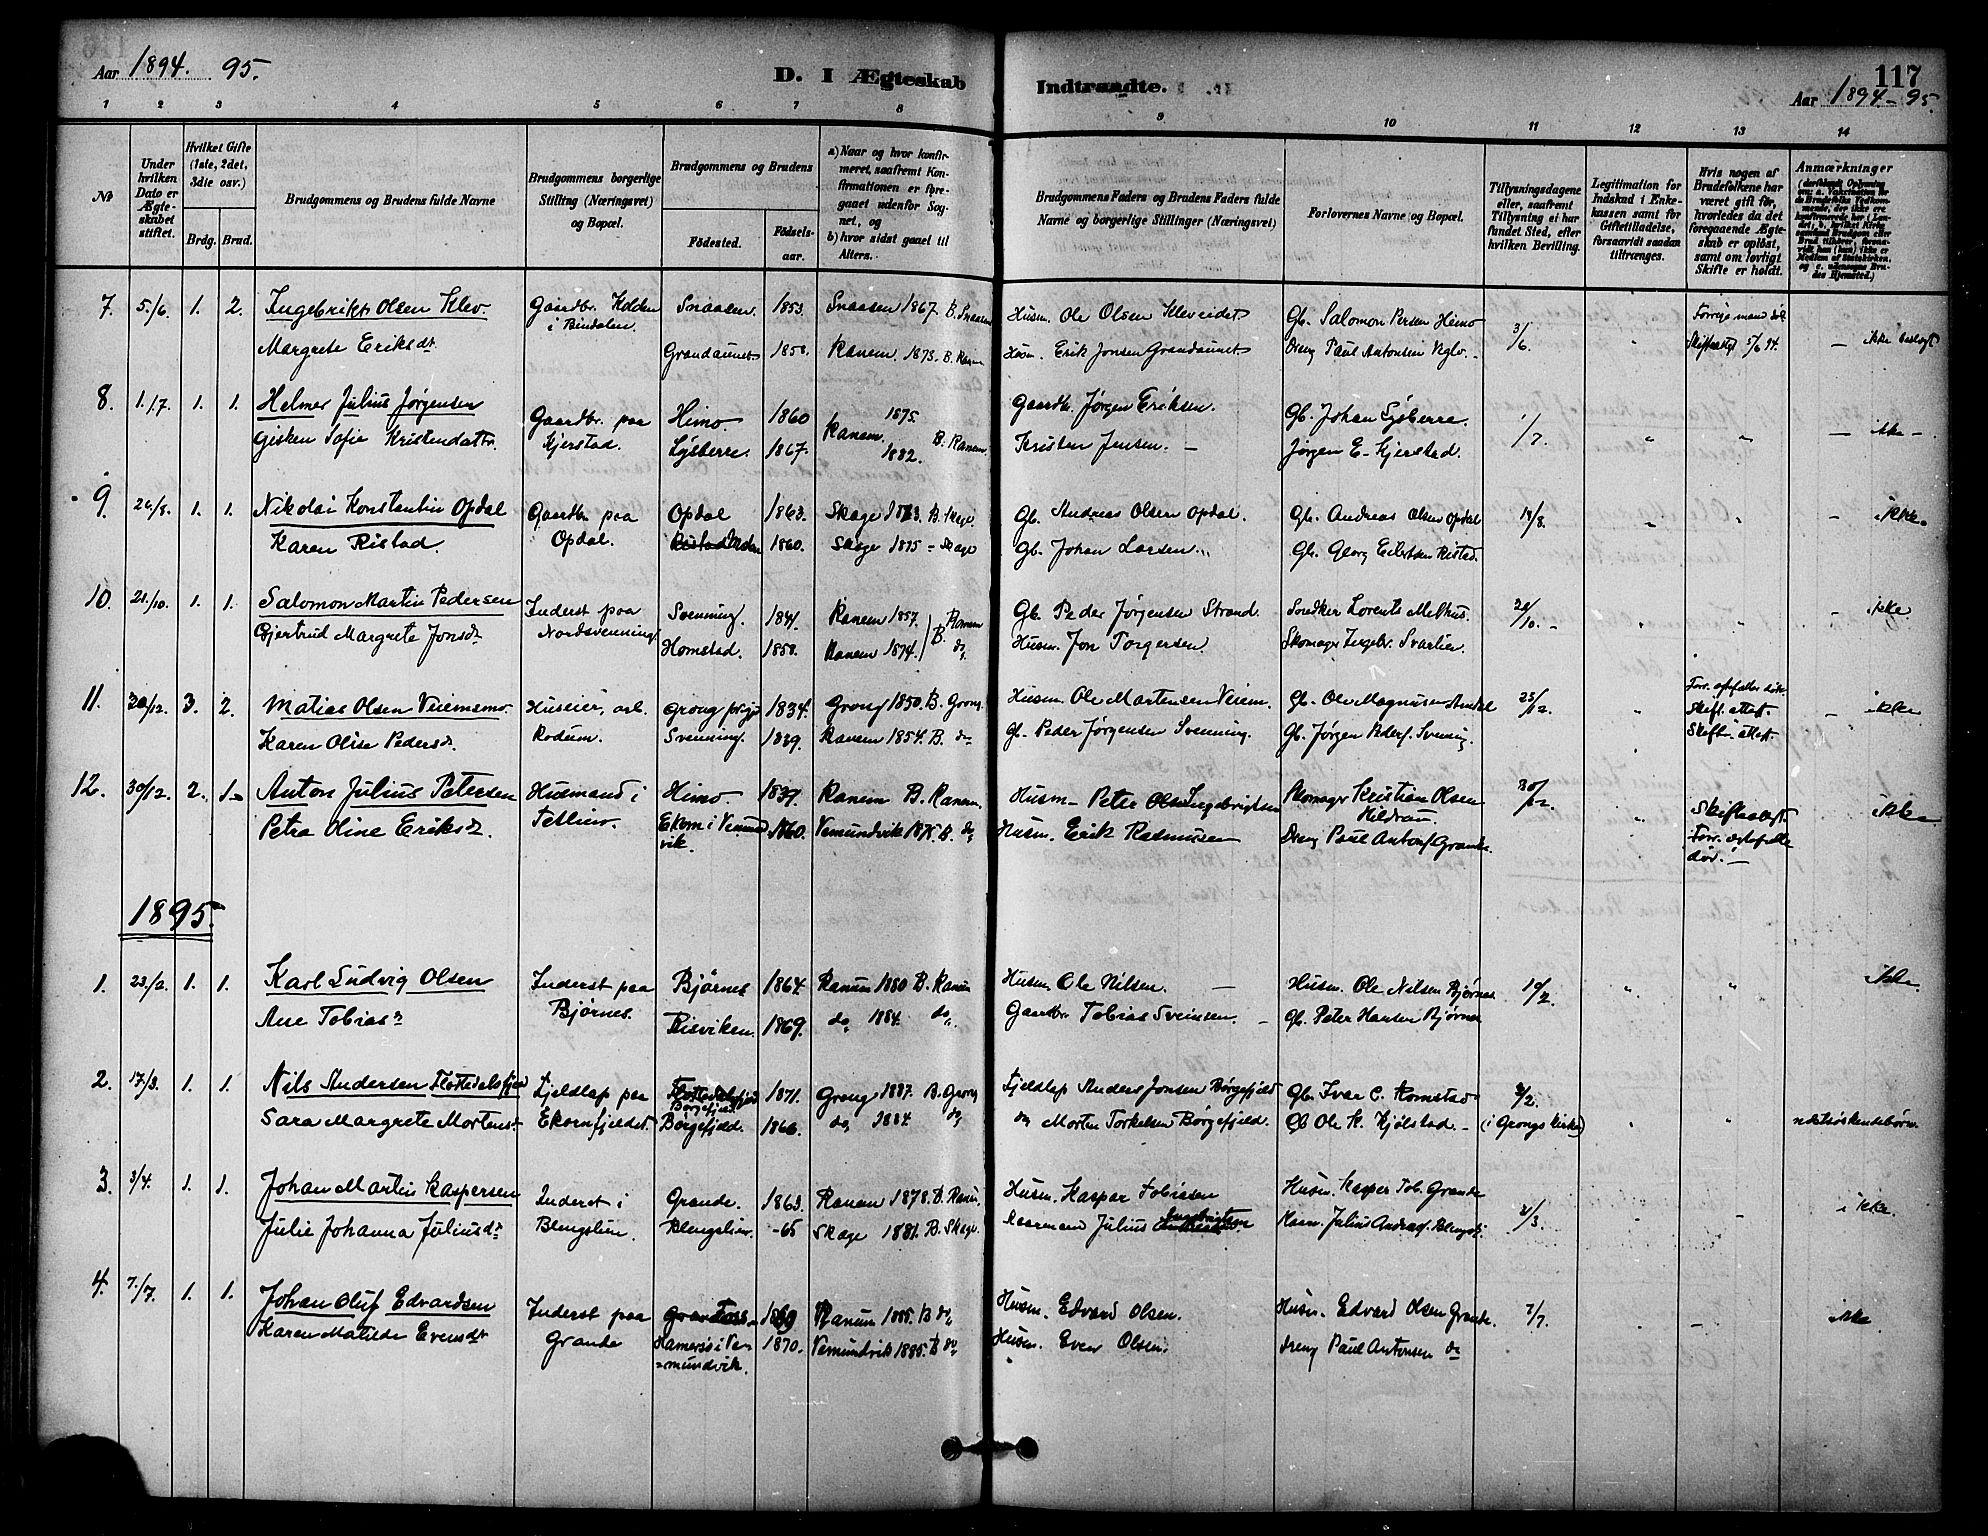 SAT, Ministerialprotokoller, klokkerbøker og fødselsregistre - Nord-Trøndelag, 764/L0555: Ministerialbok nr. 764A10, 1881-1896, s. 117